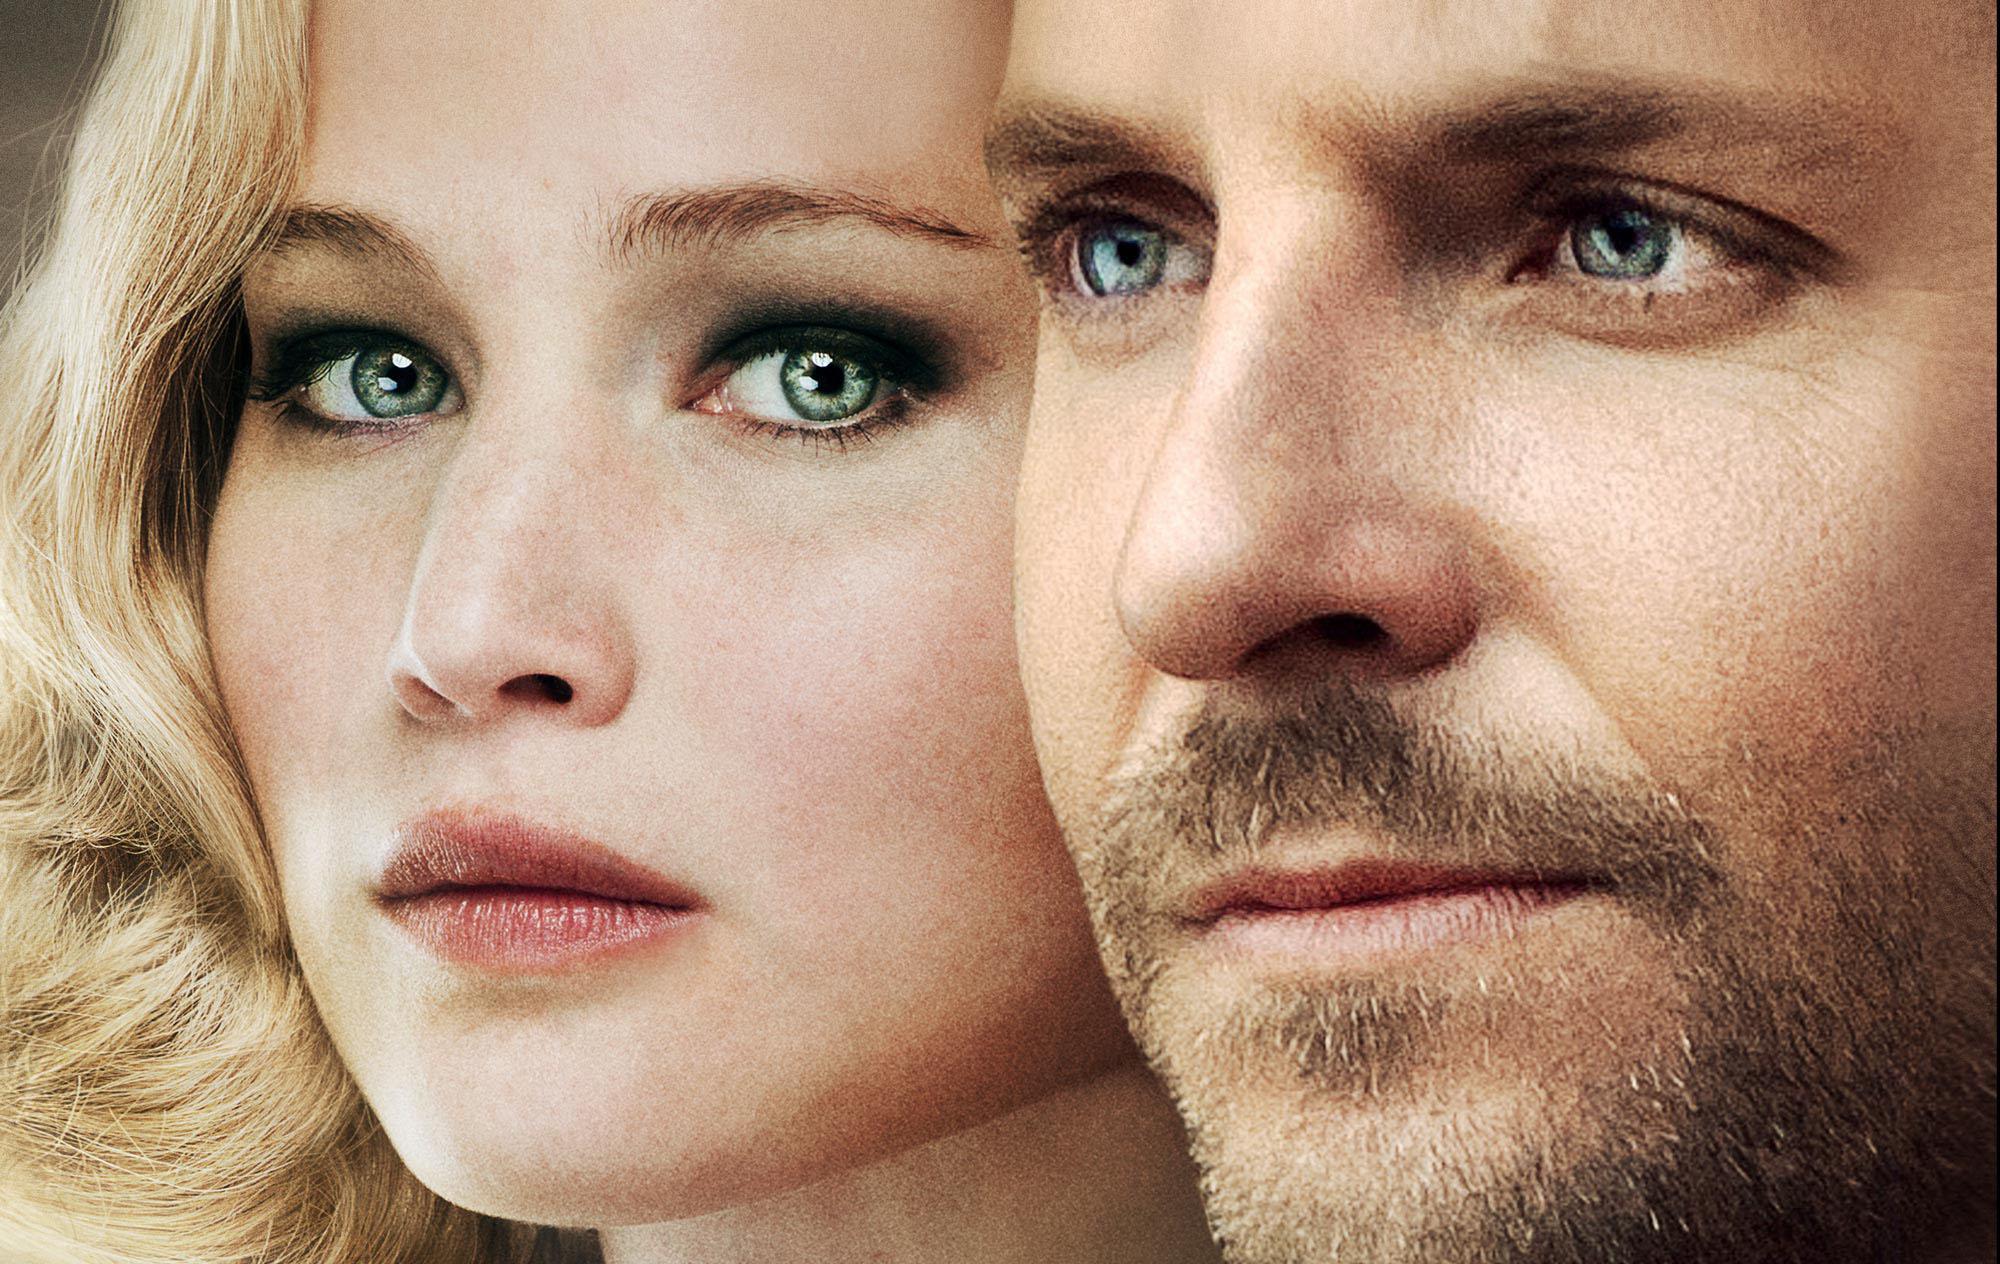 Serena - Bradley Cooper and Jennifer Lawrence